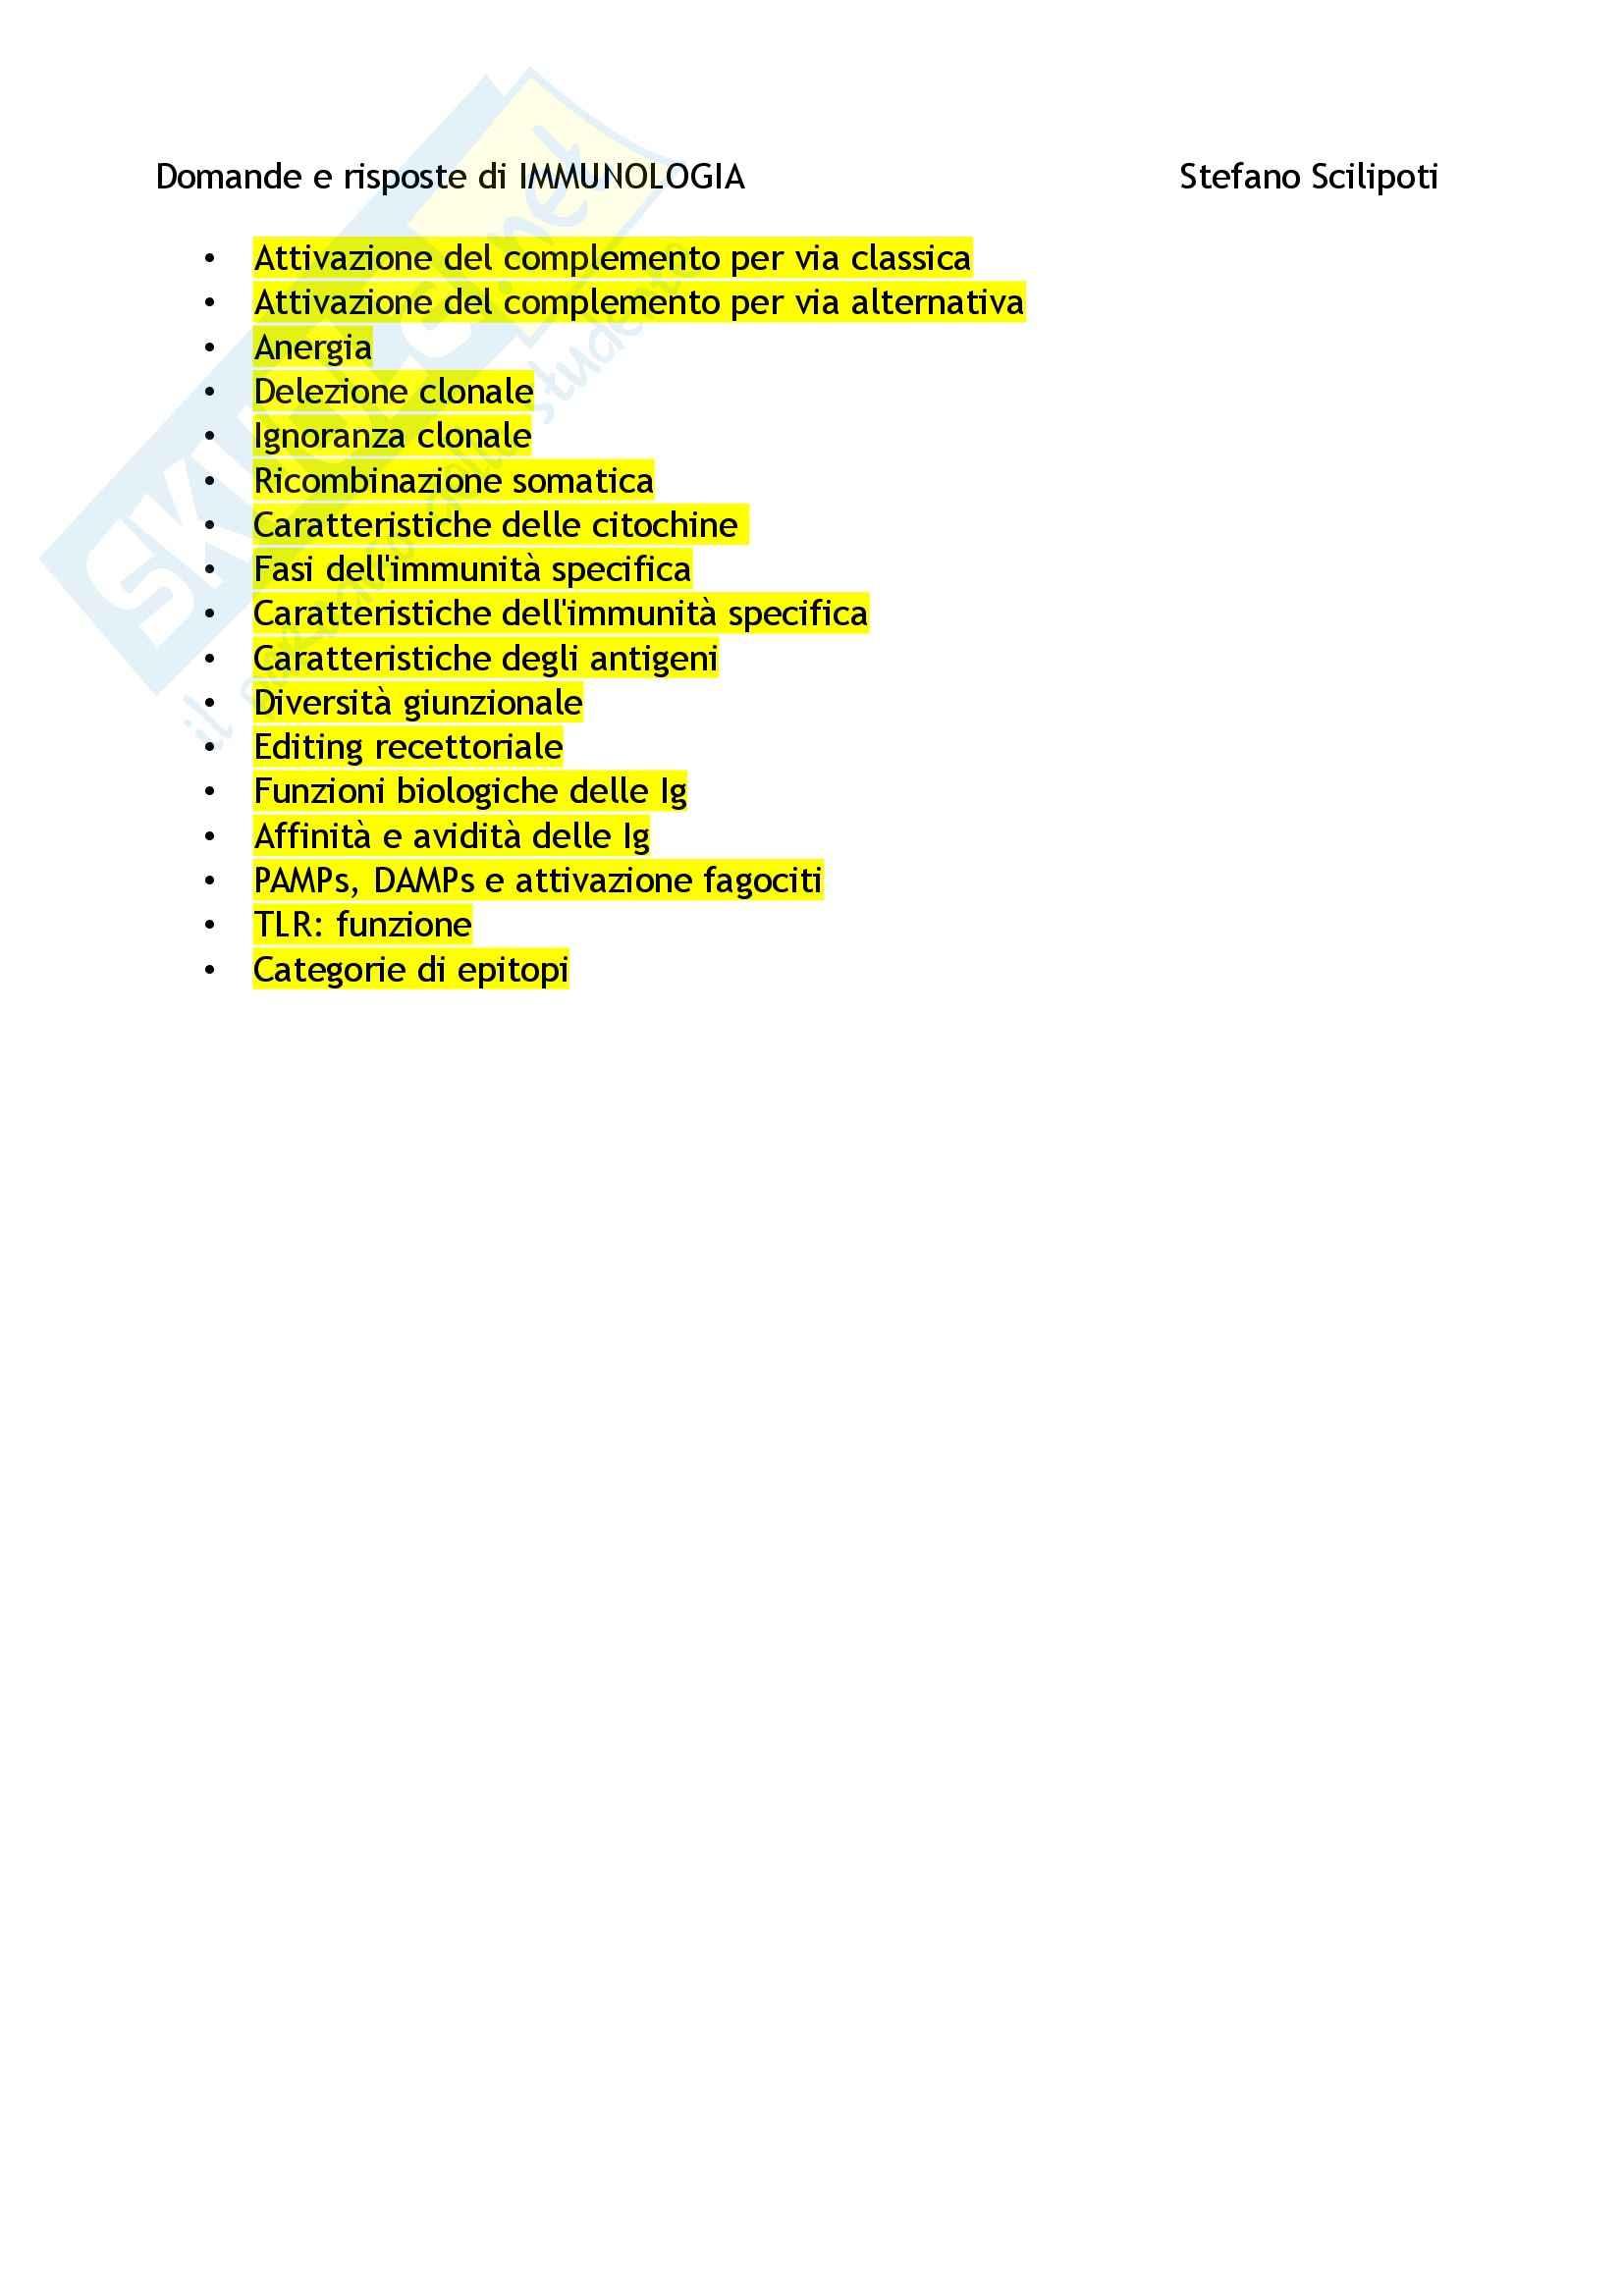 Domande e risposte, Immunologia